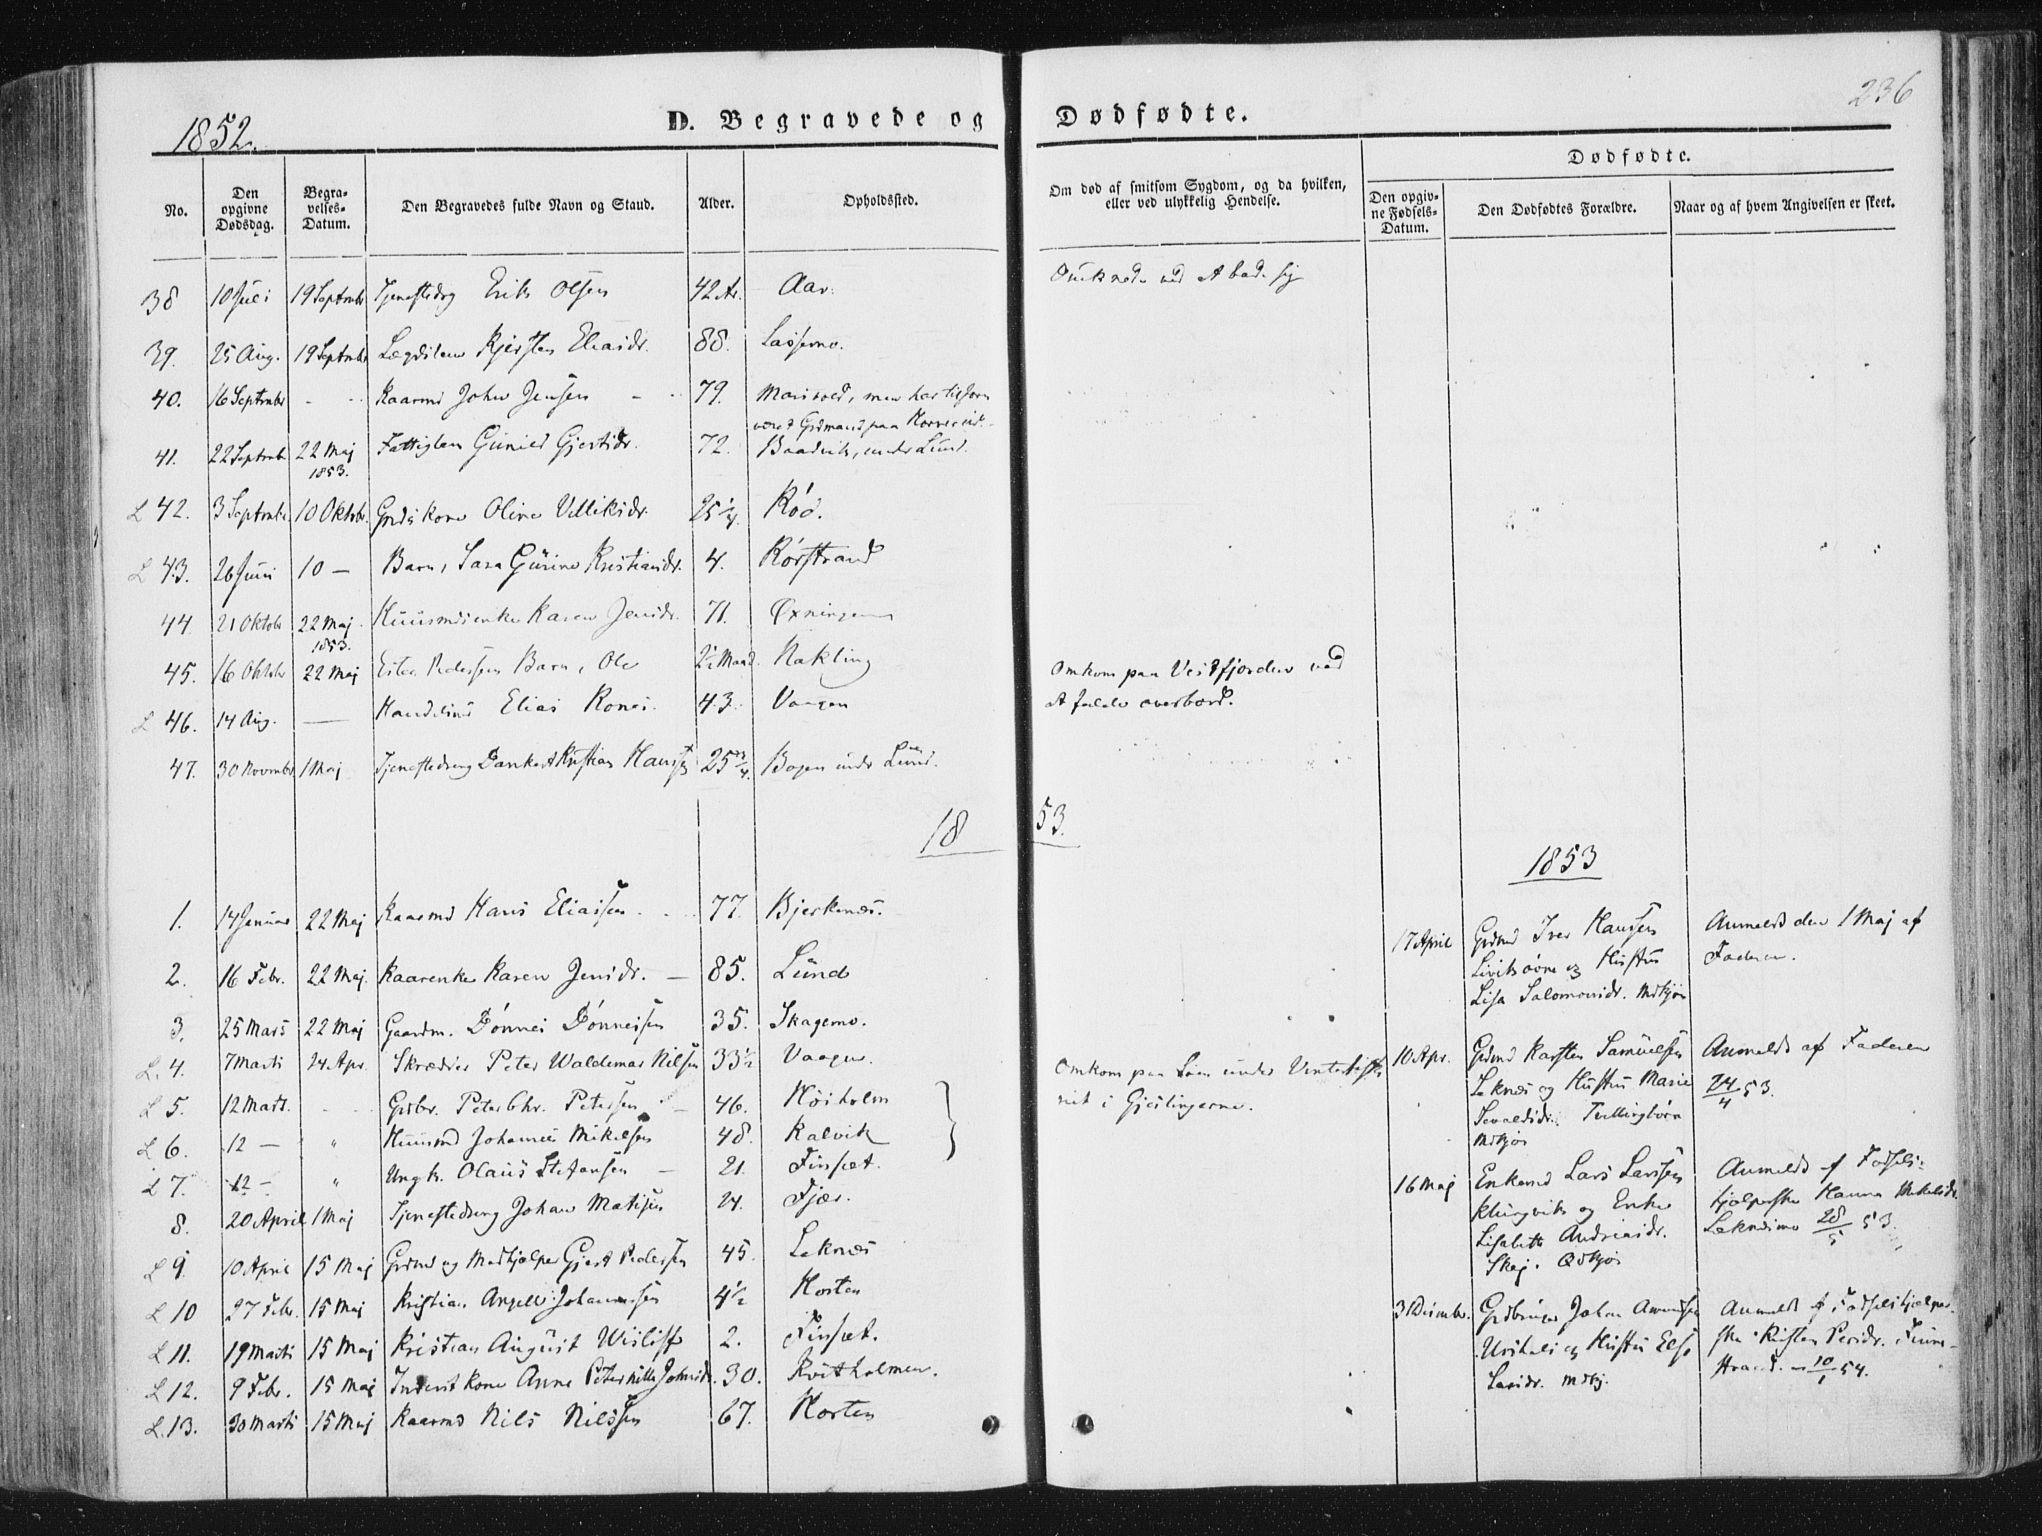 SAT, Ministerialprotokoller, klokkerbøker og fødselsregistre - Nord-Trøndelag, 780/L0640: Ministerialbok nr. 780A05, 1845-1856, s. 236